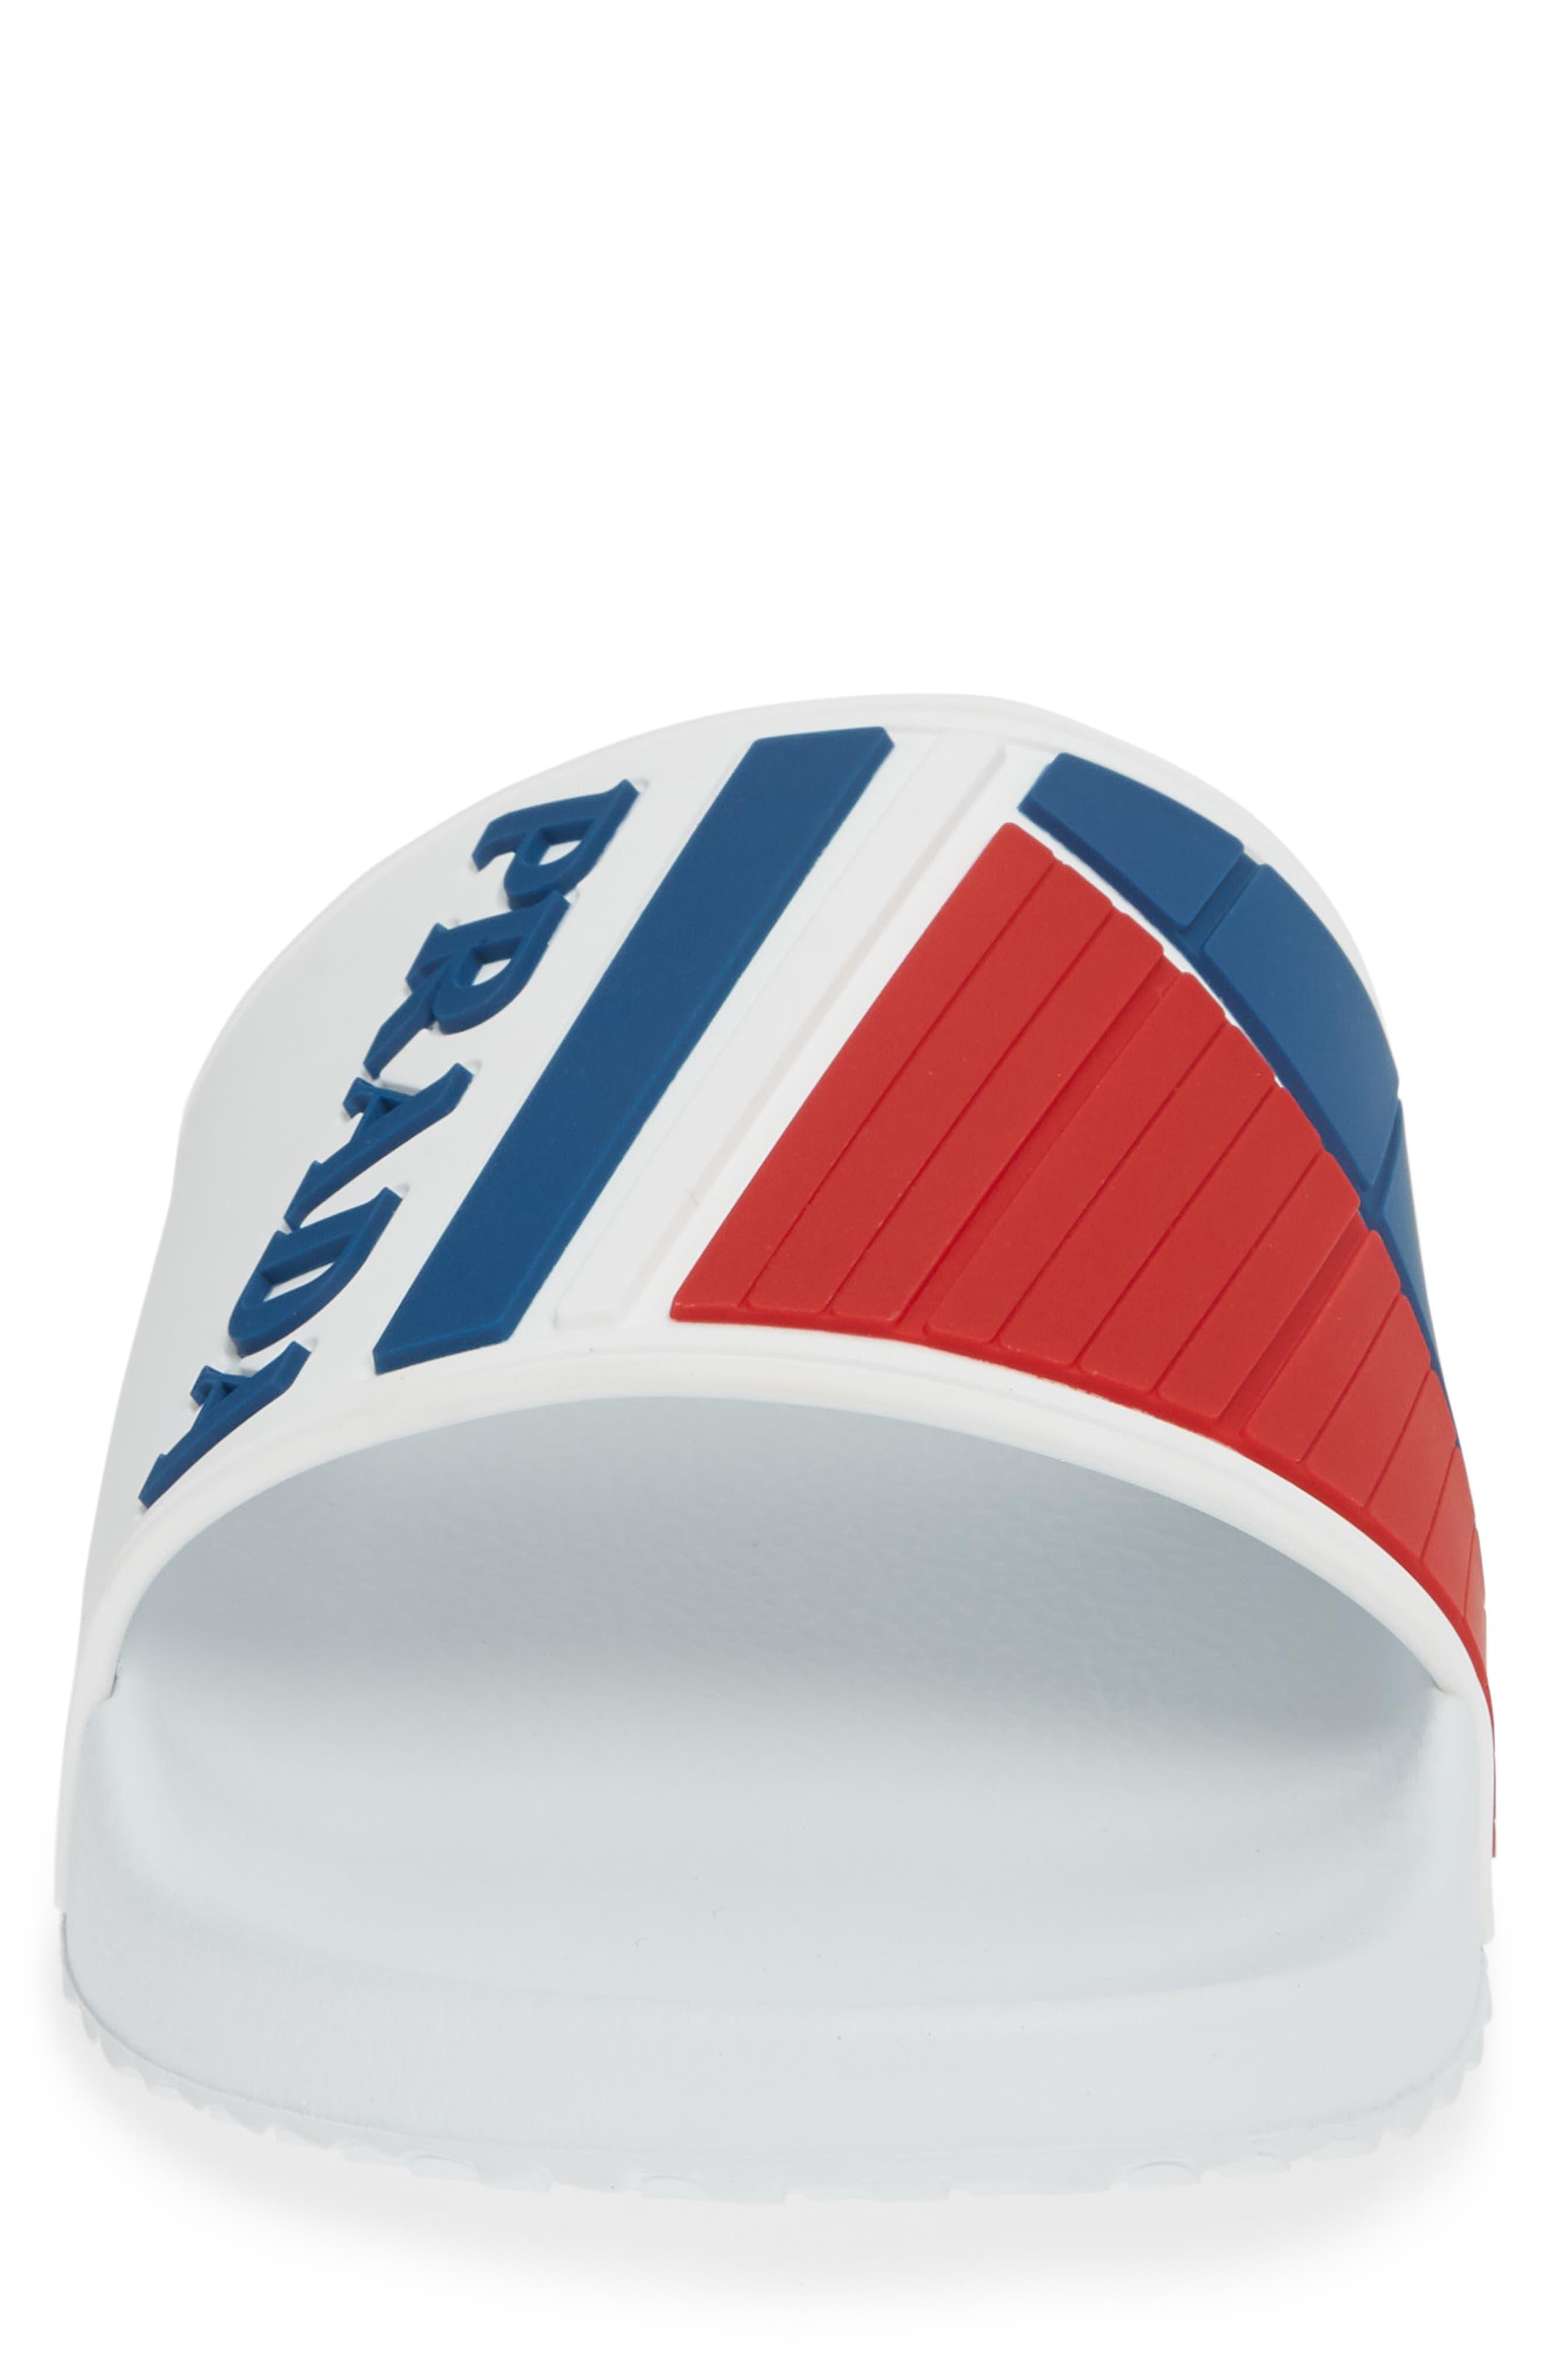 PRADA, Linea Rossa Logo Slide Sandal, Alternate thumbnail 4, color, WHITE/ BLUE